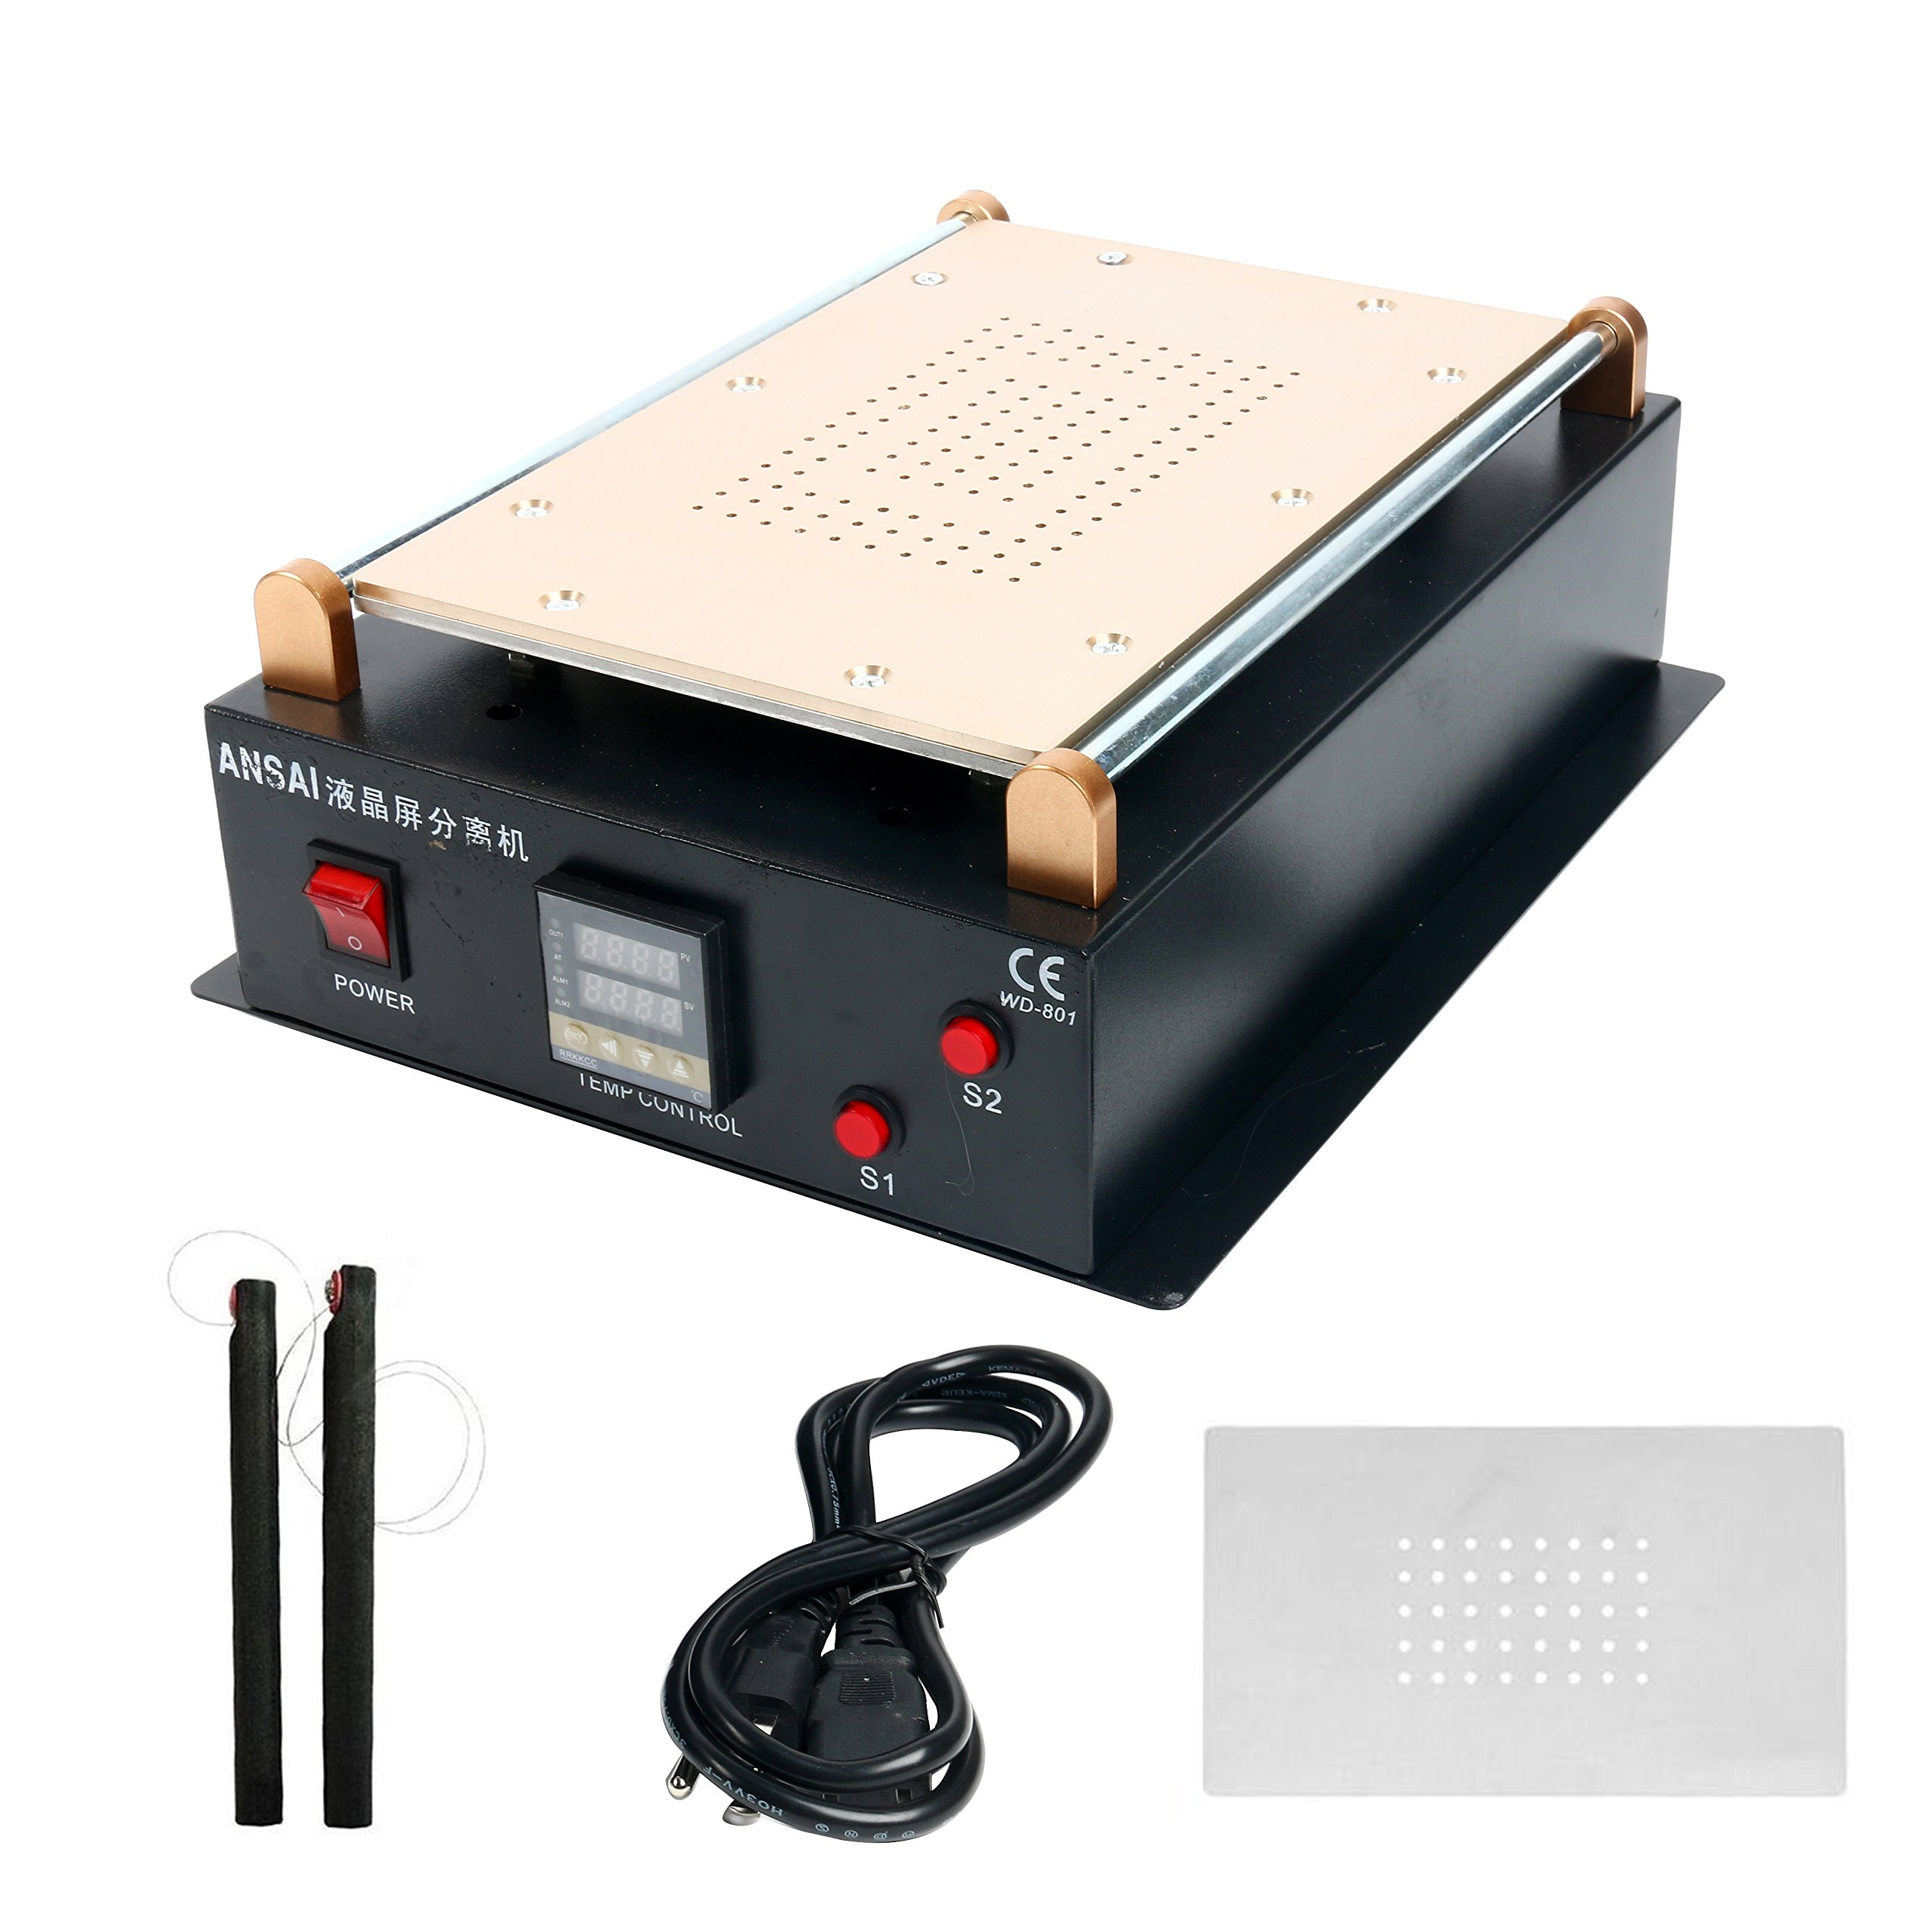 14inch LCD Screen Separator Machine, LCD Separator, Screen Separating Machine, Built-in Vacuum Machine for Ipad Air 1 2 LCD Screen Repair